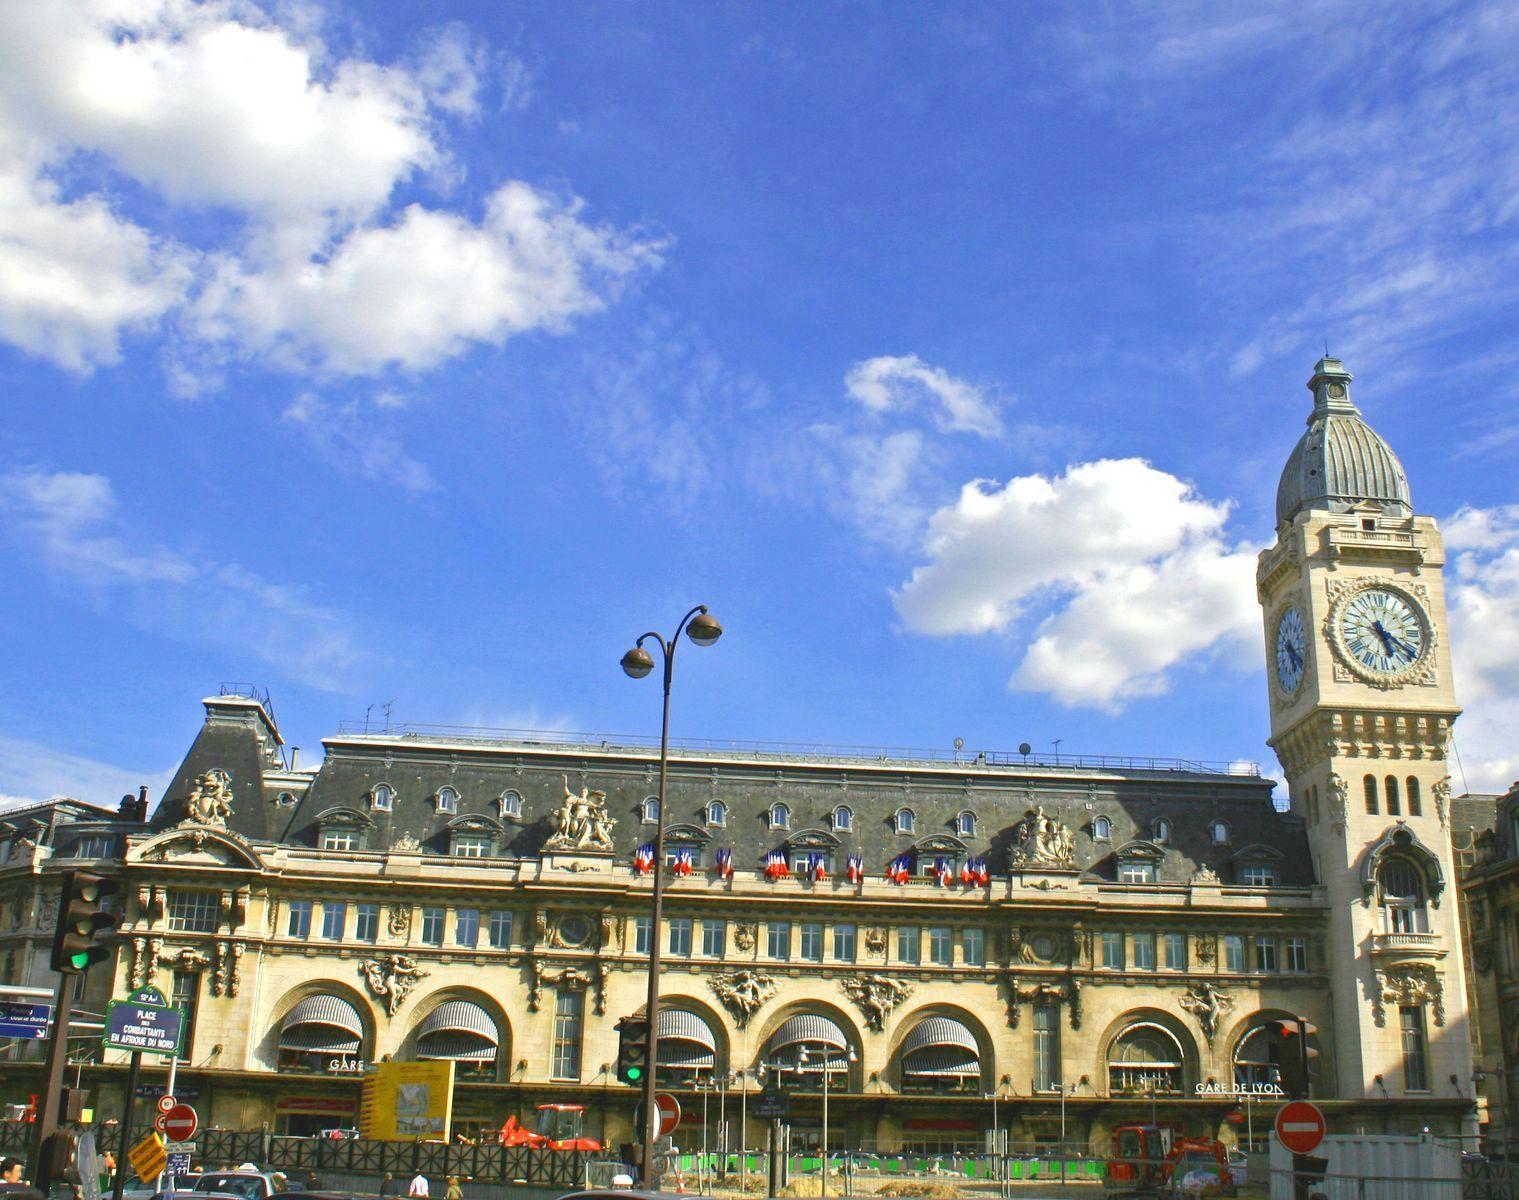 Париж. Лионский вокзал. Округ 12 – Берси, Лионский вокзал